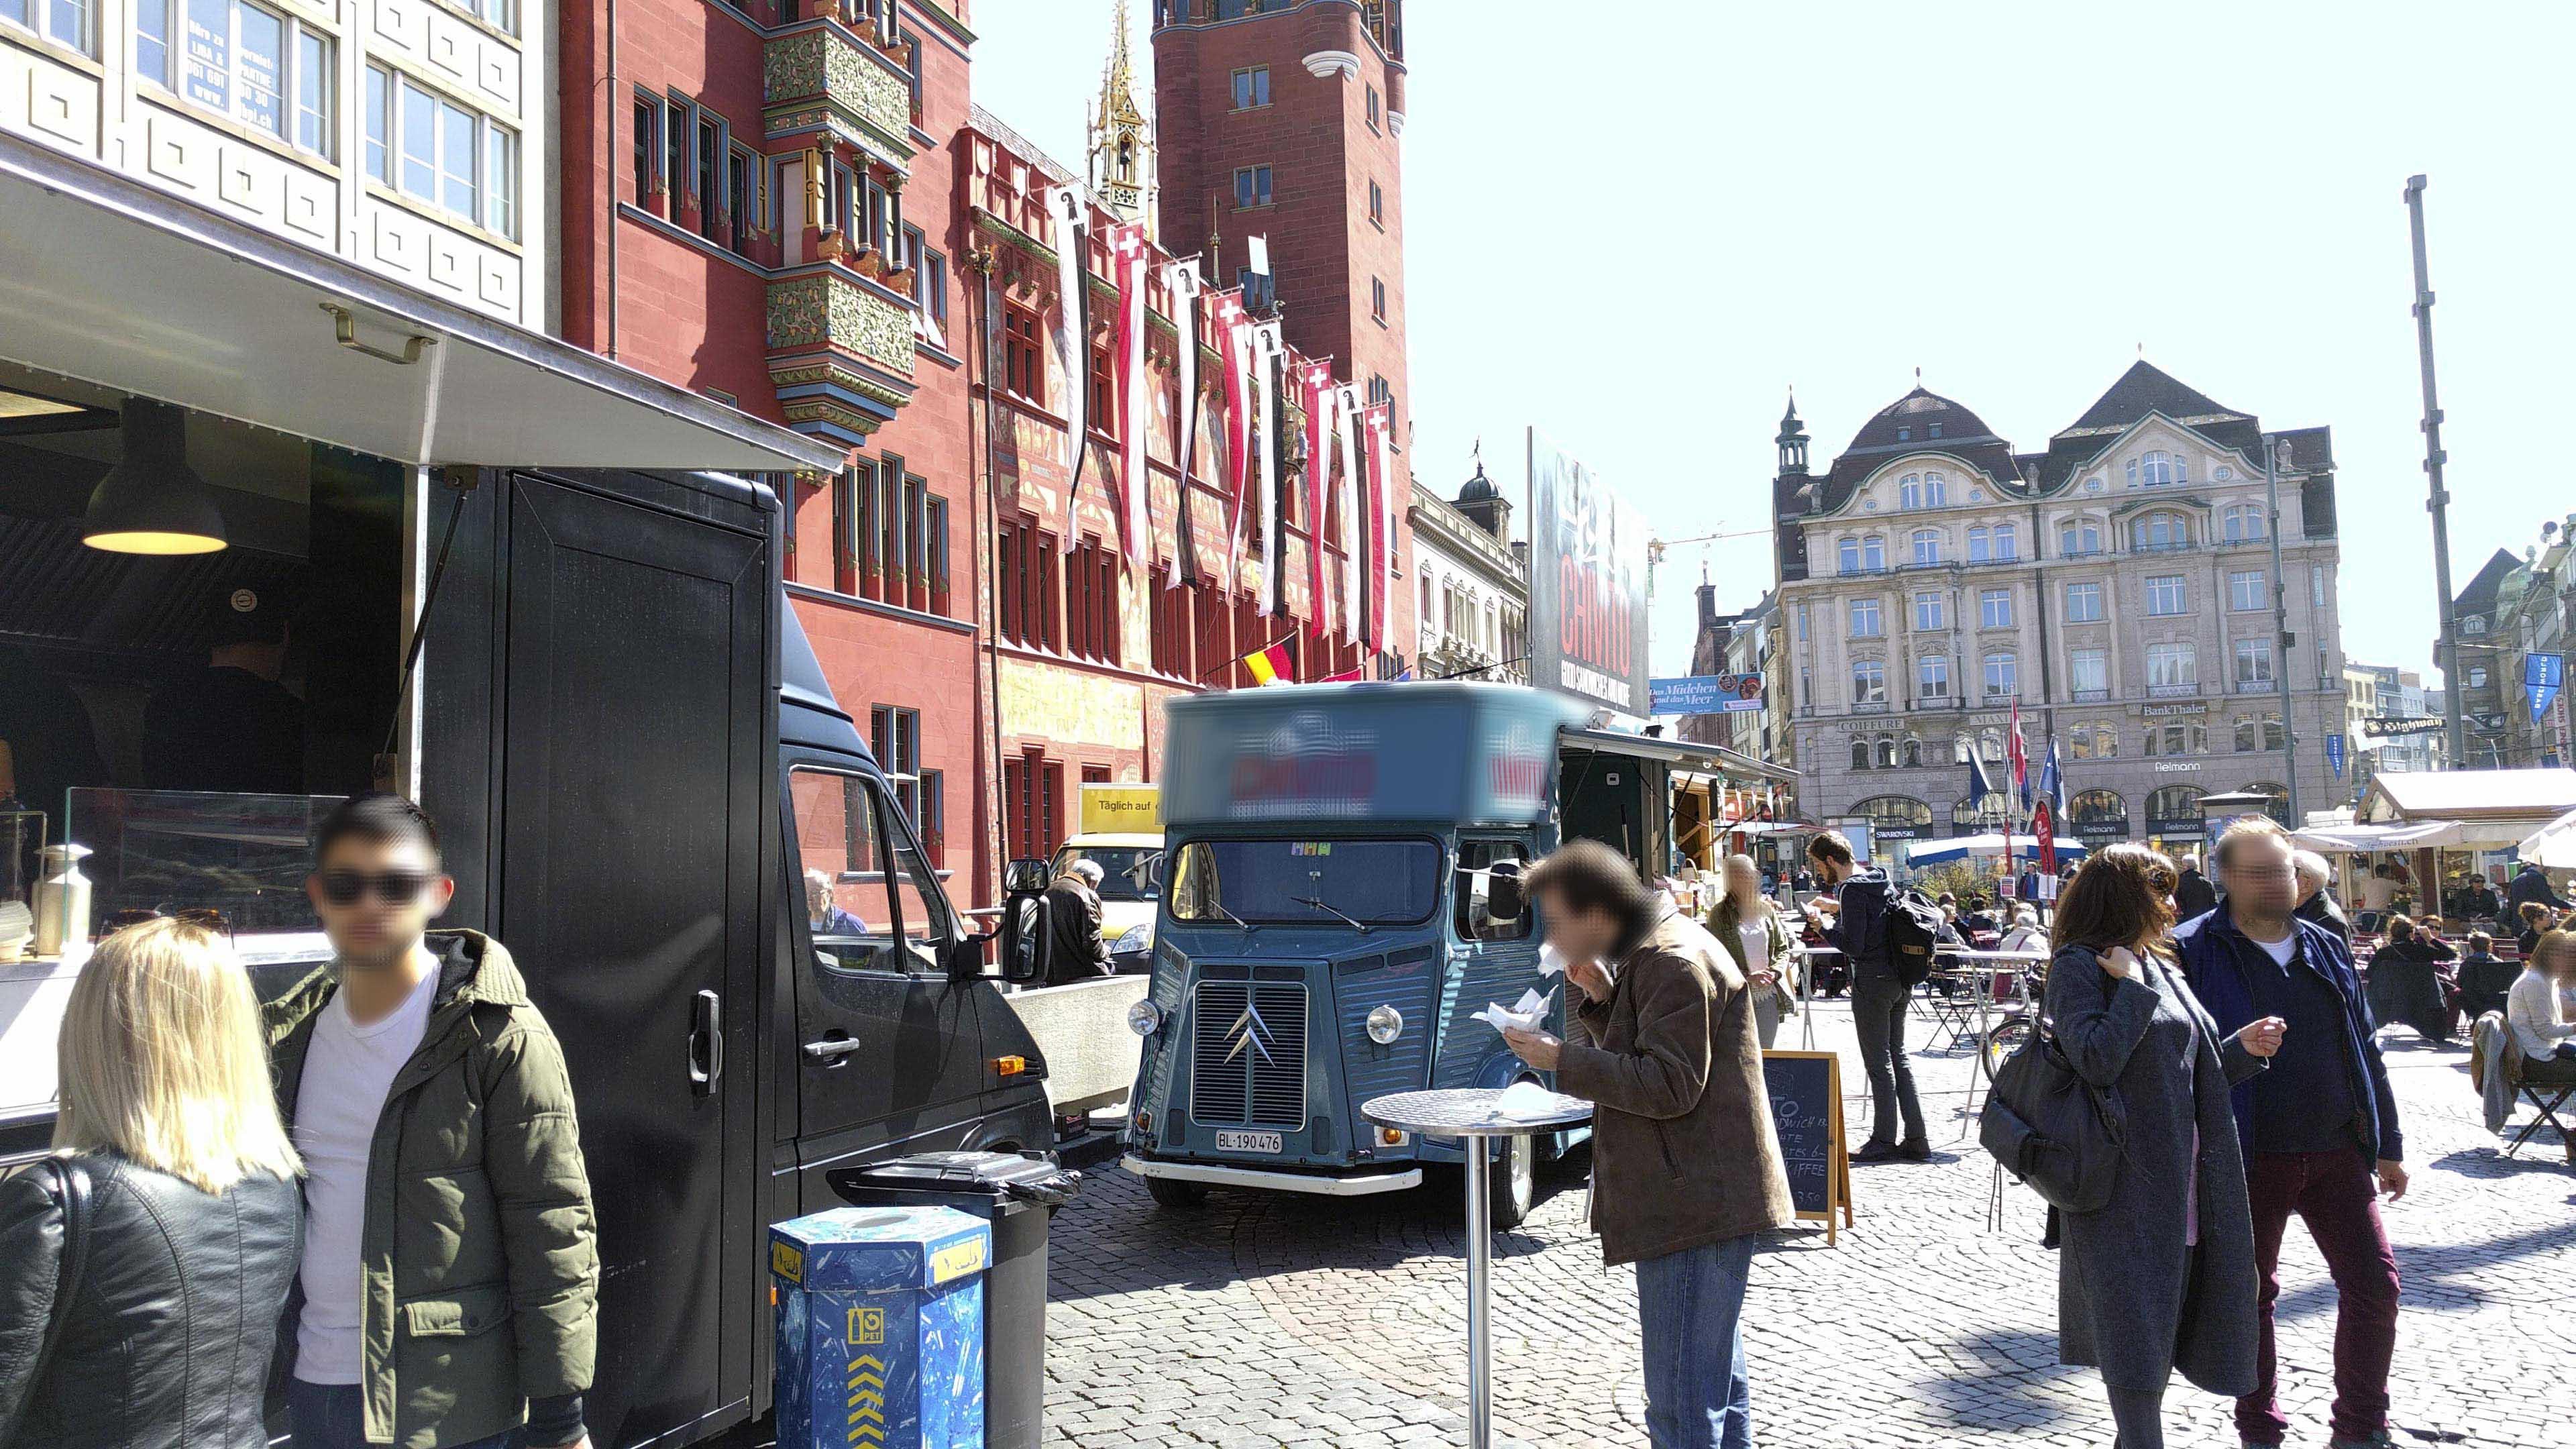 Wann werden die ersten Restaurants im Gundeli durch staatlich geförderte mobile Essensanbieter verdrängt?